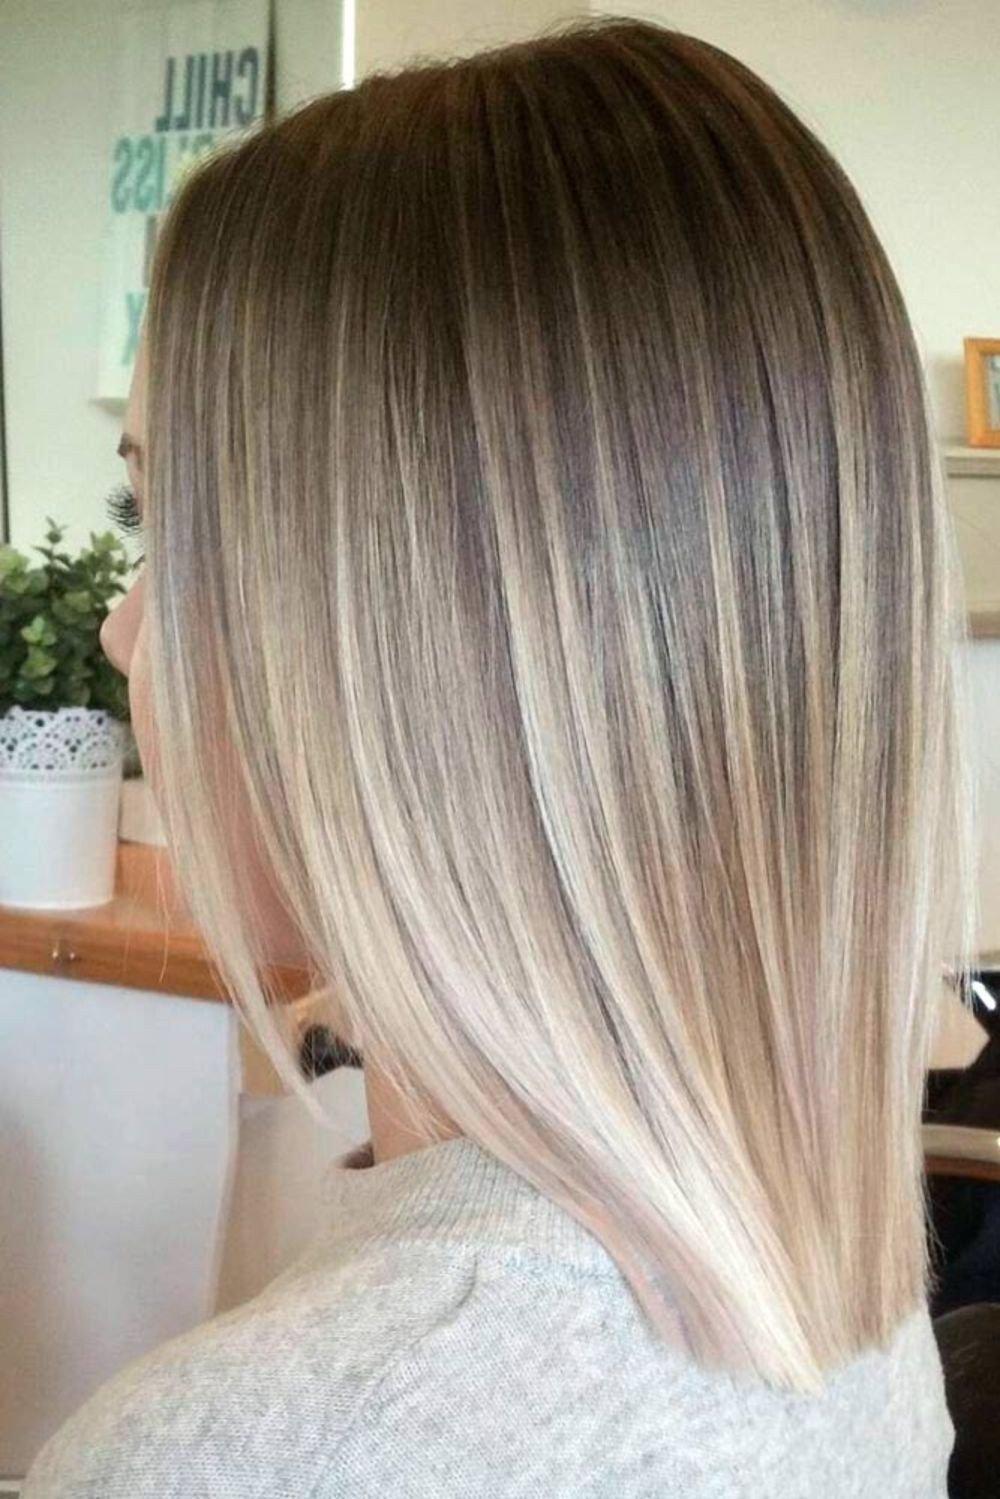 pretty blonde hair color ideas (18) - fashionetter | hair ideas